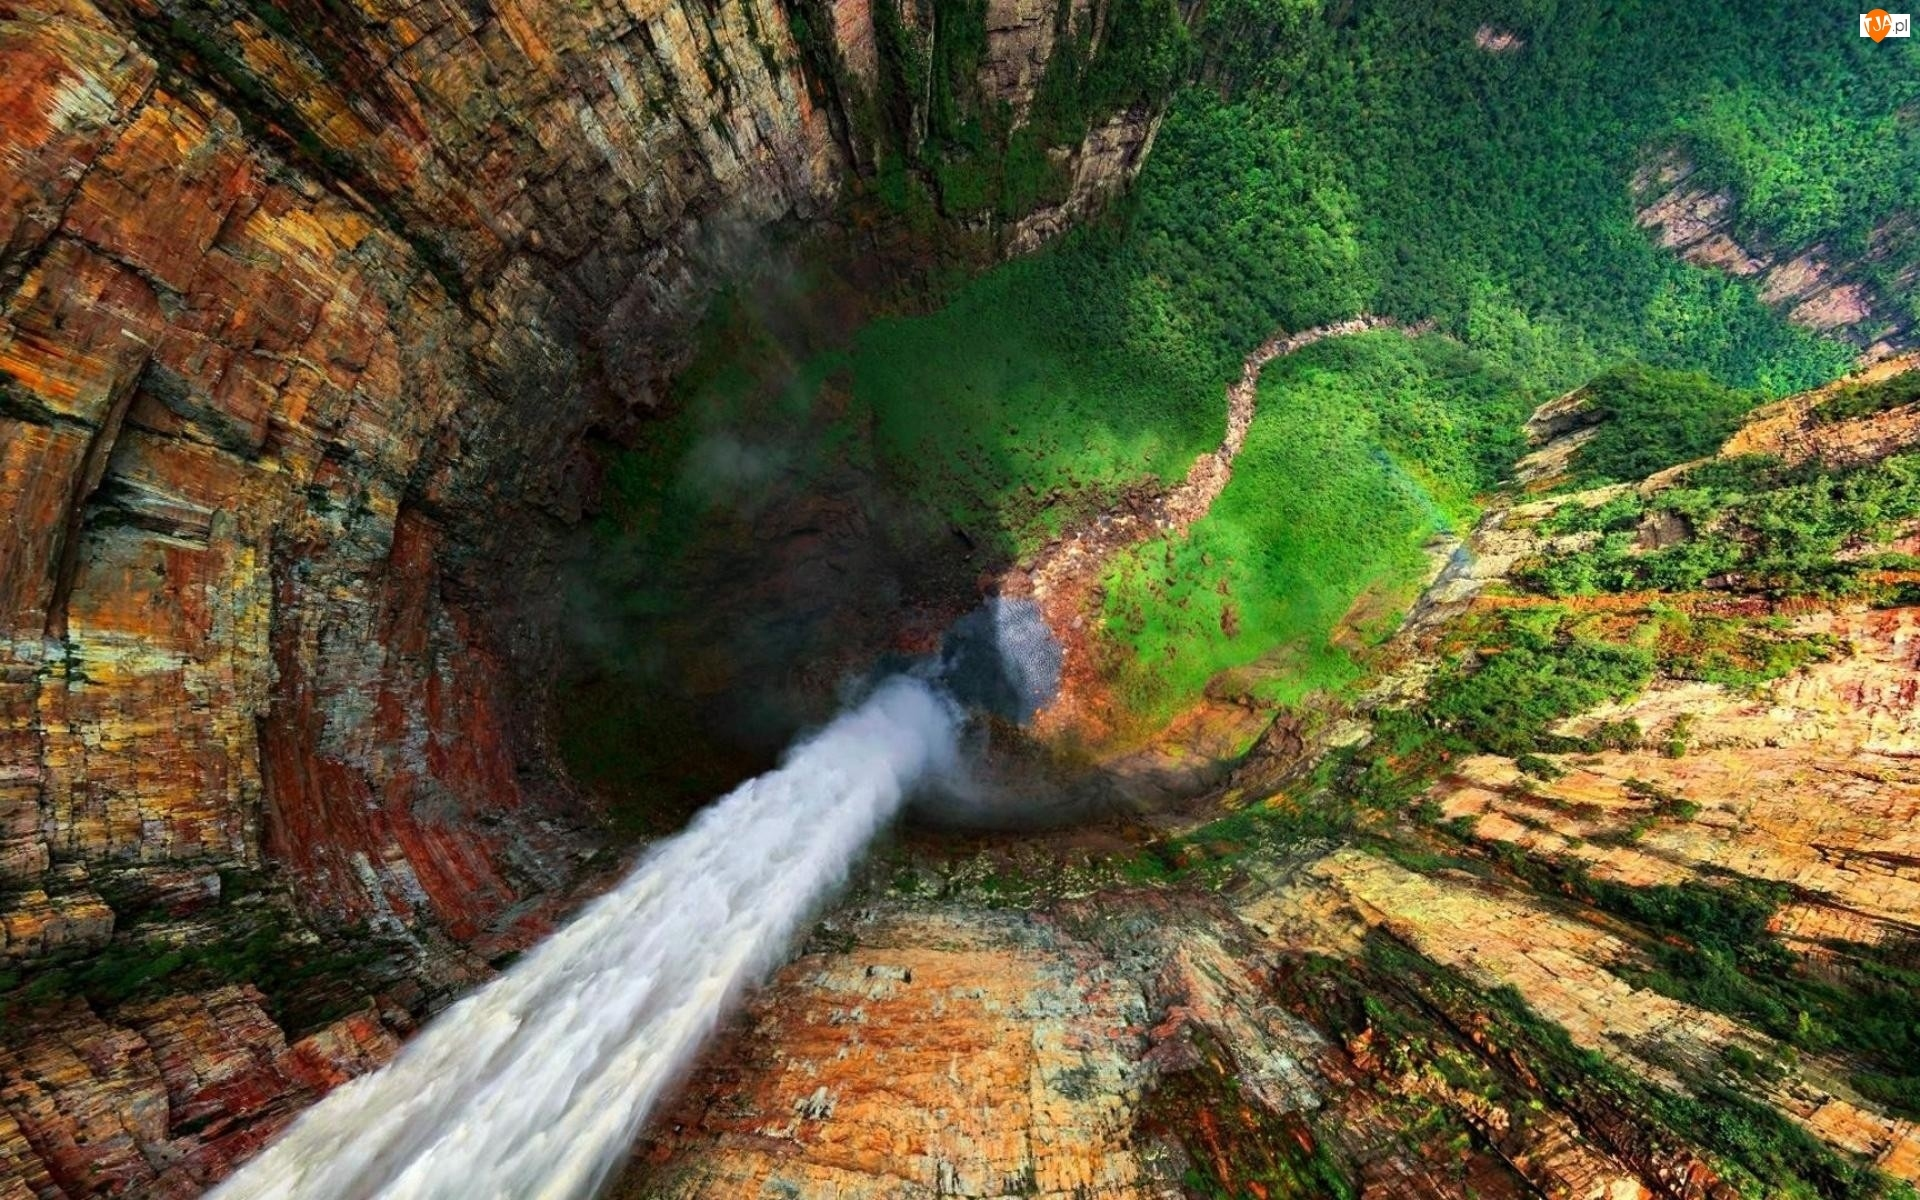 Wodospad, Z lotu ptaka